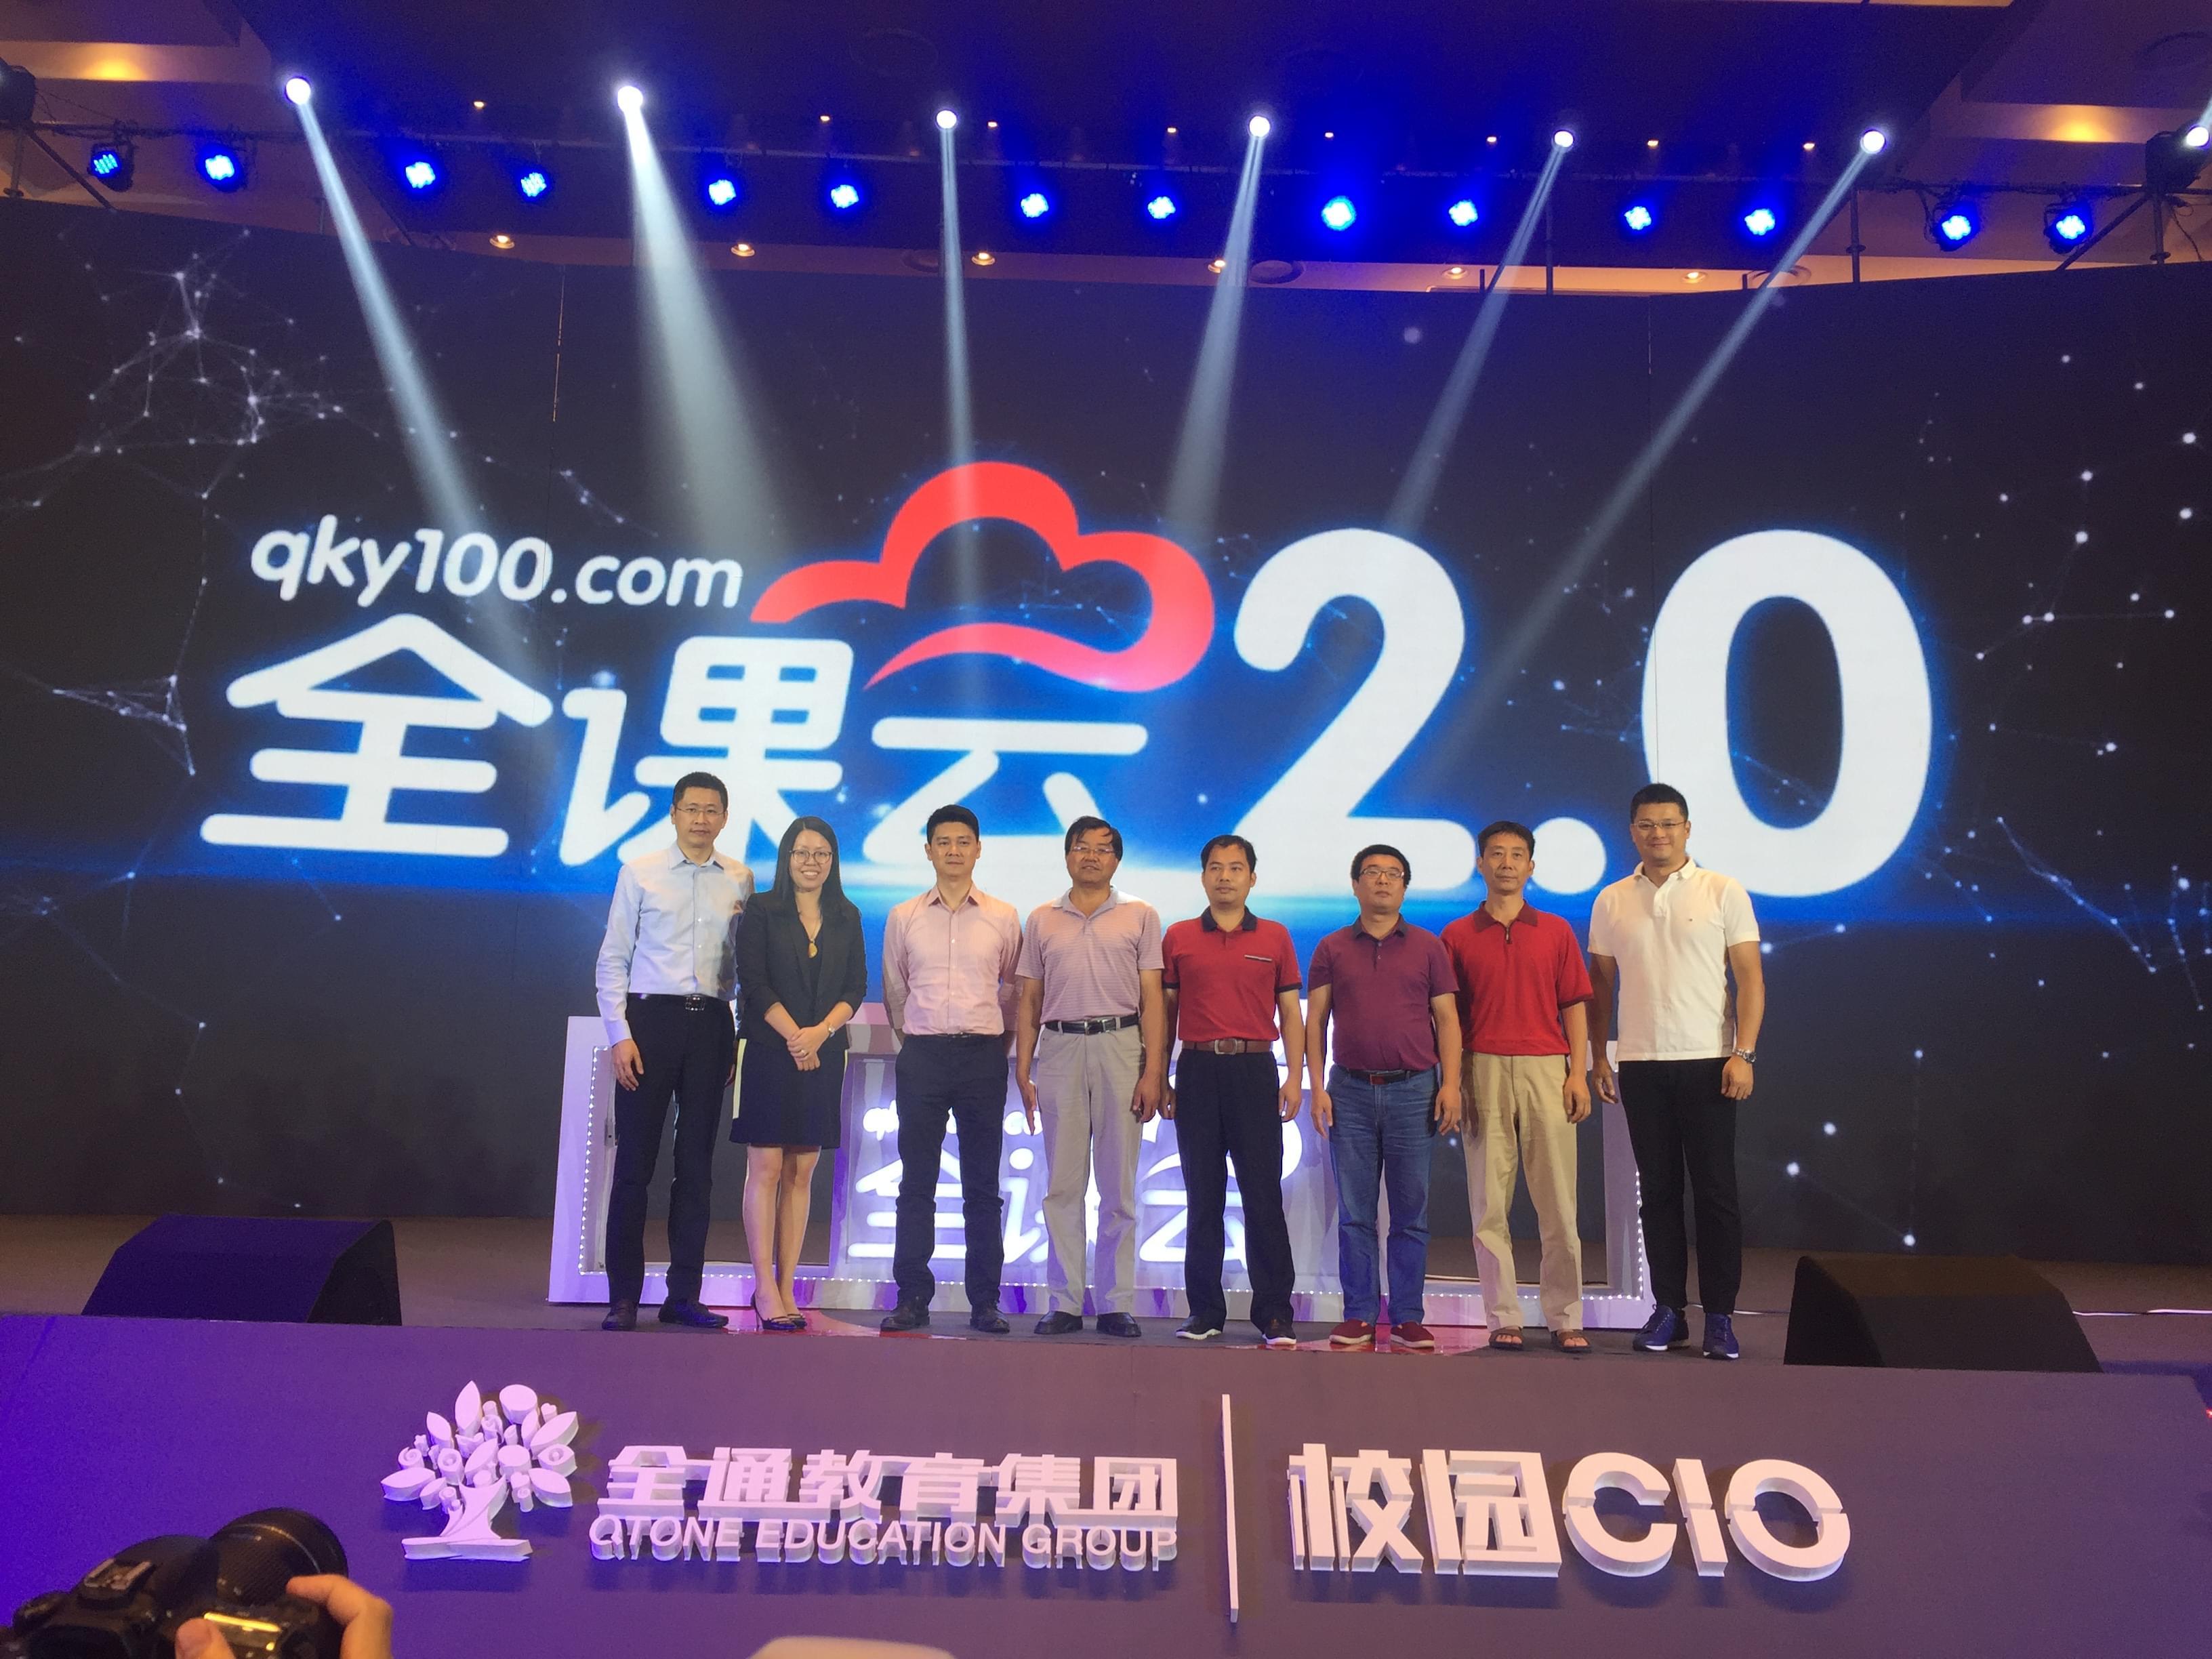 全通教育 中国首届校园CIO教育峰会在京举行